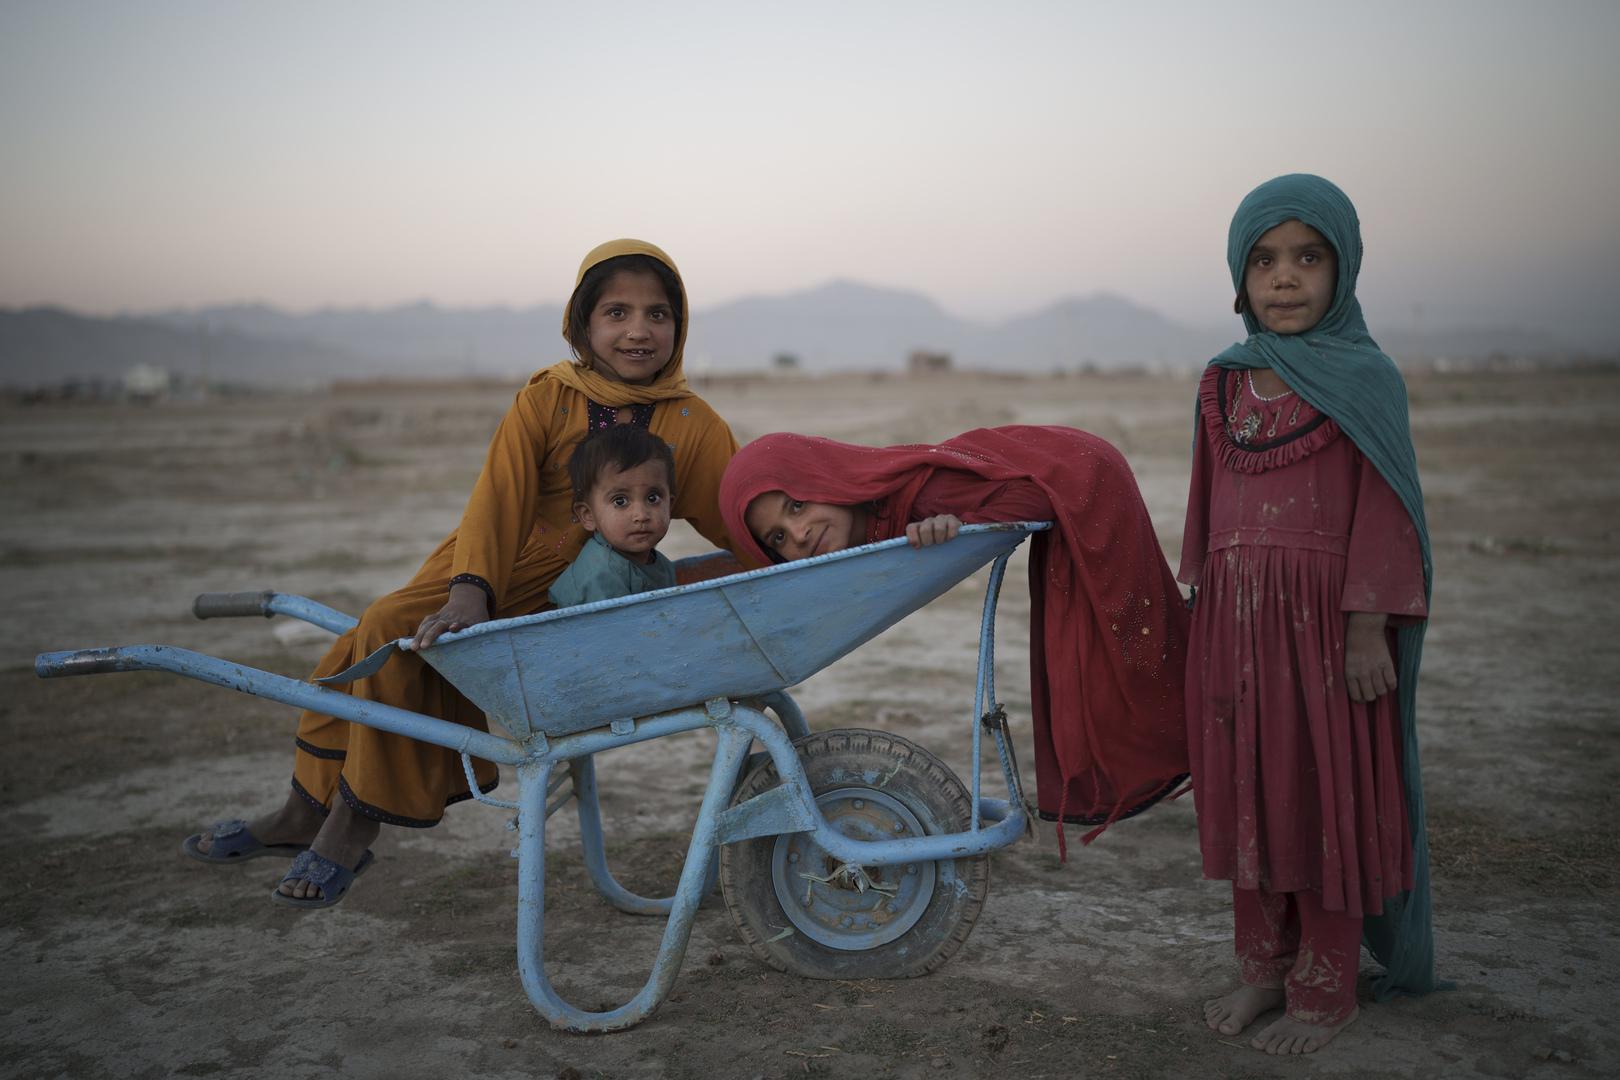 منظمات حقوقية: أوروبا فشلت في مساعدة الأفغان الفارين من